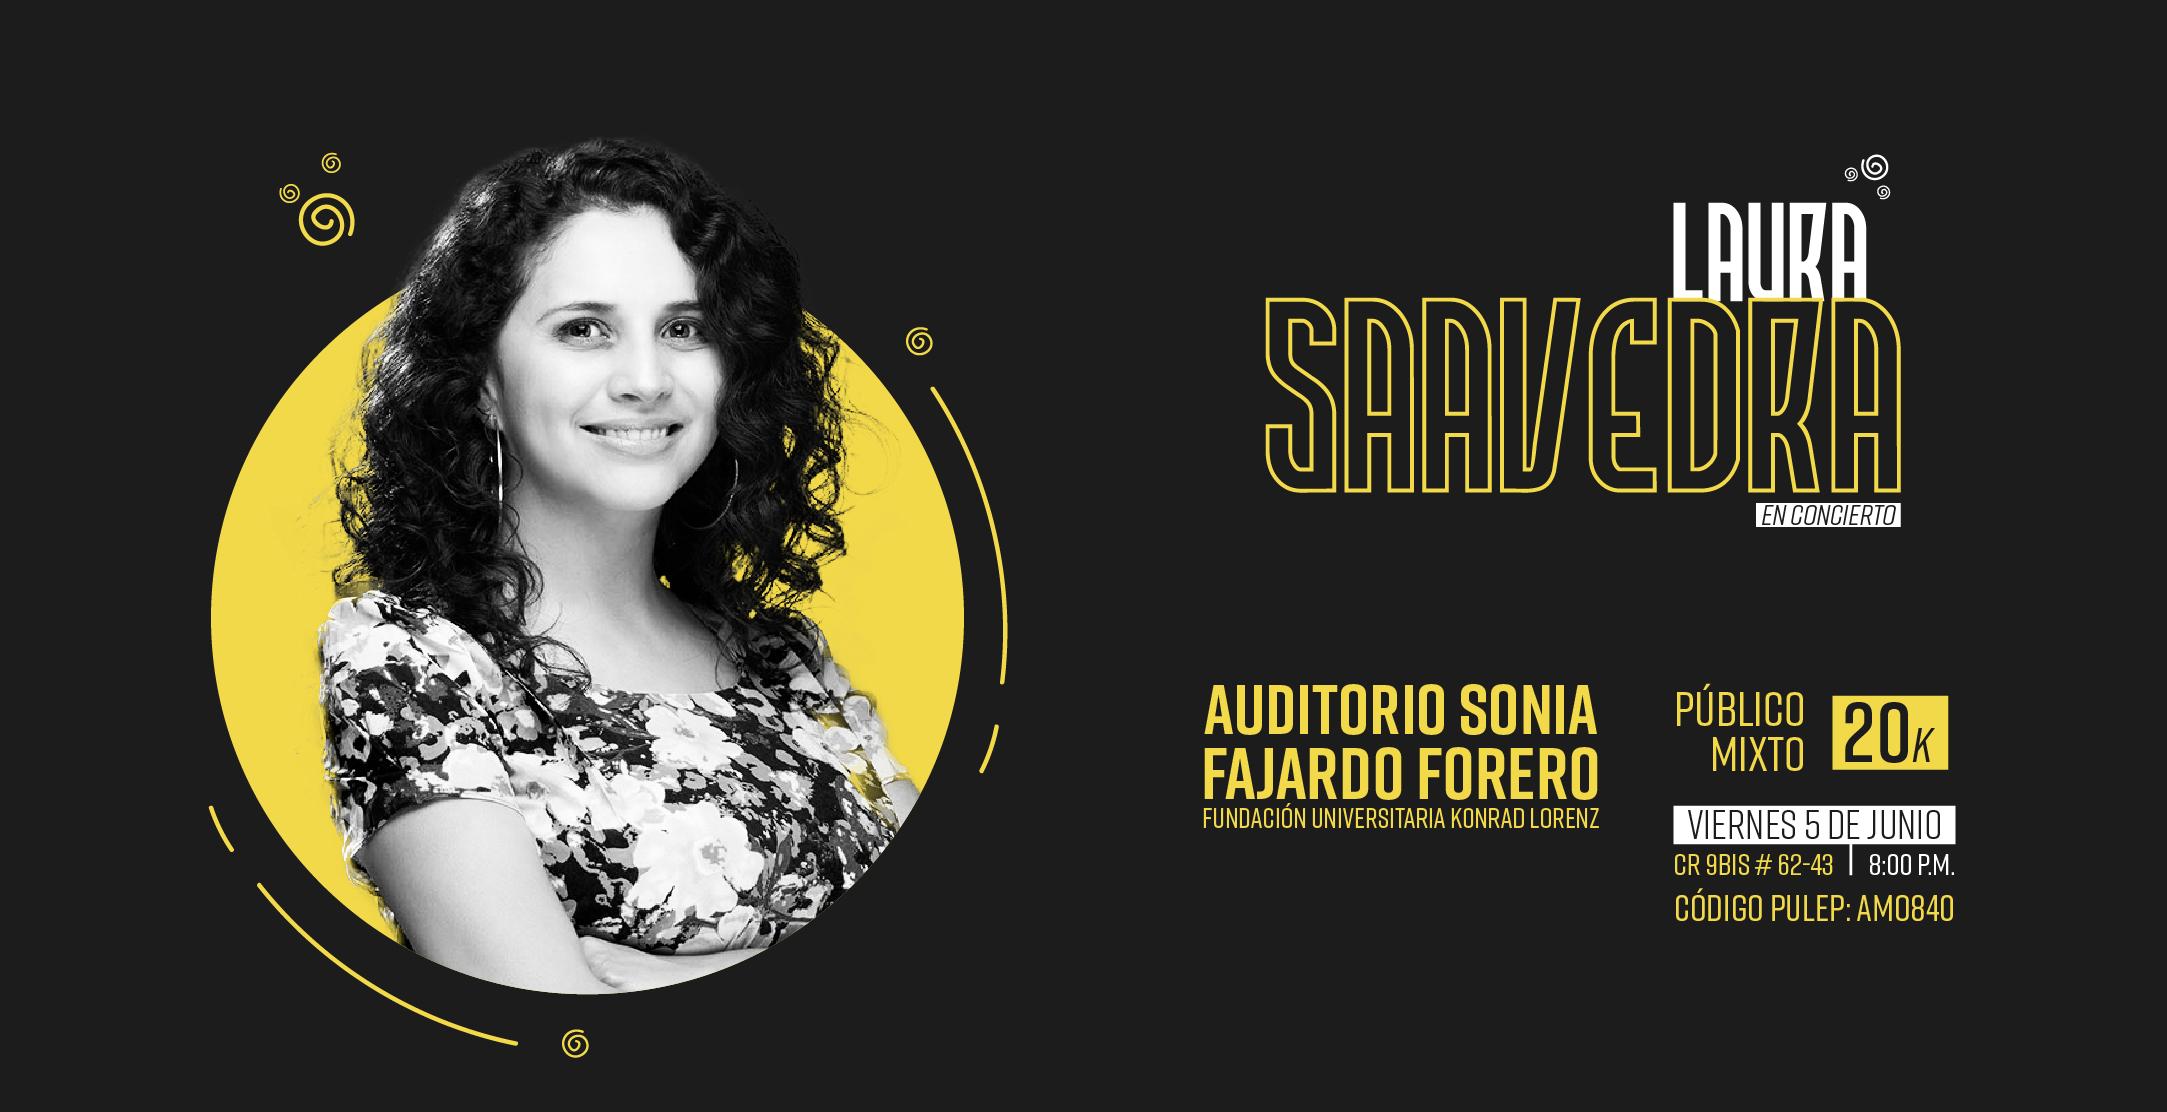 Concierto de Laura Saavedra